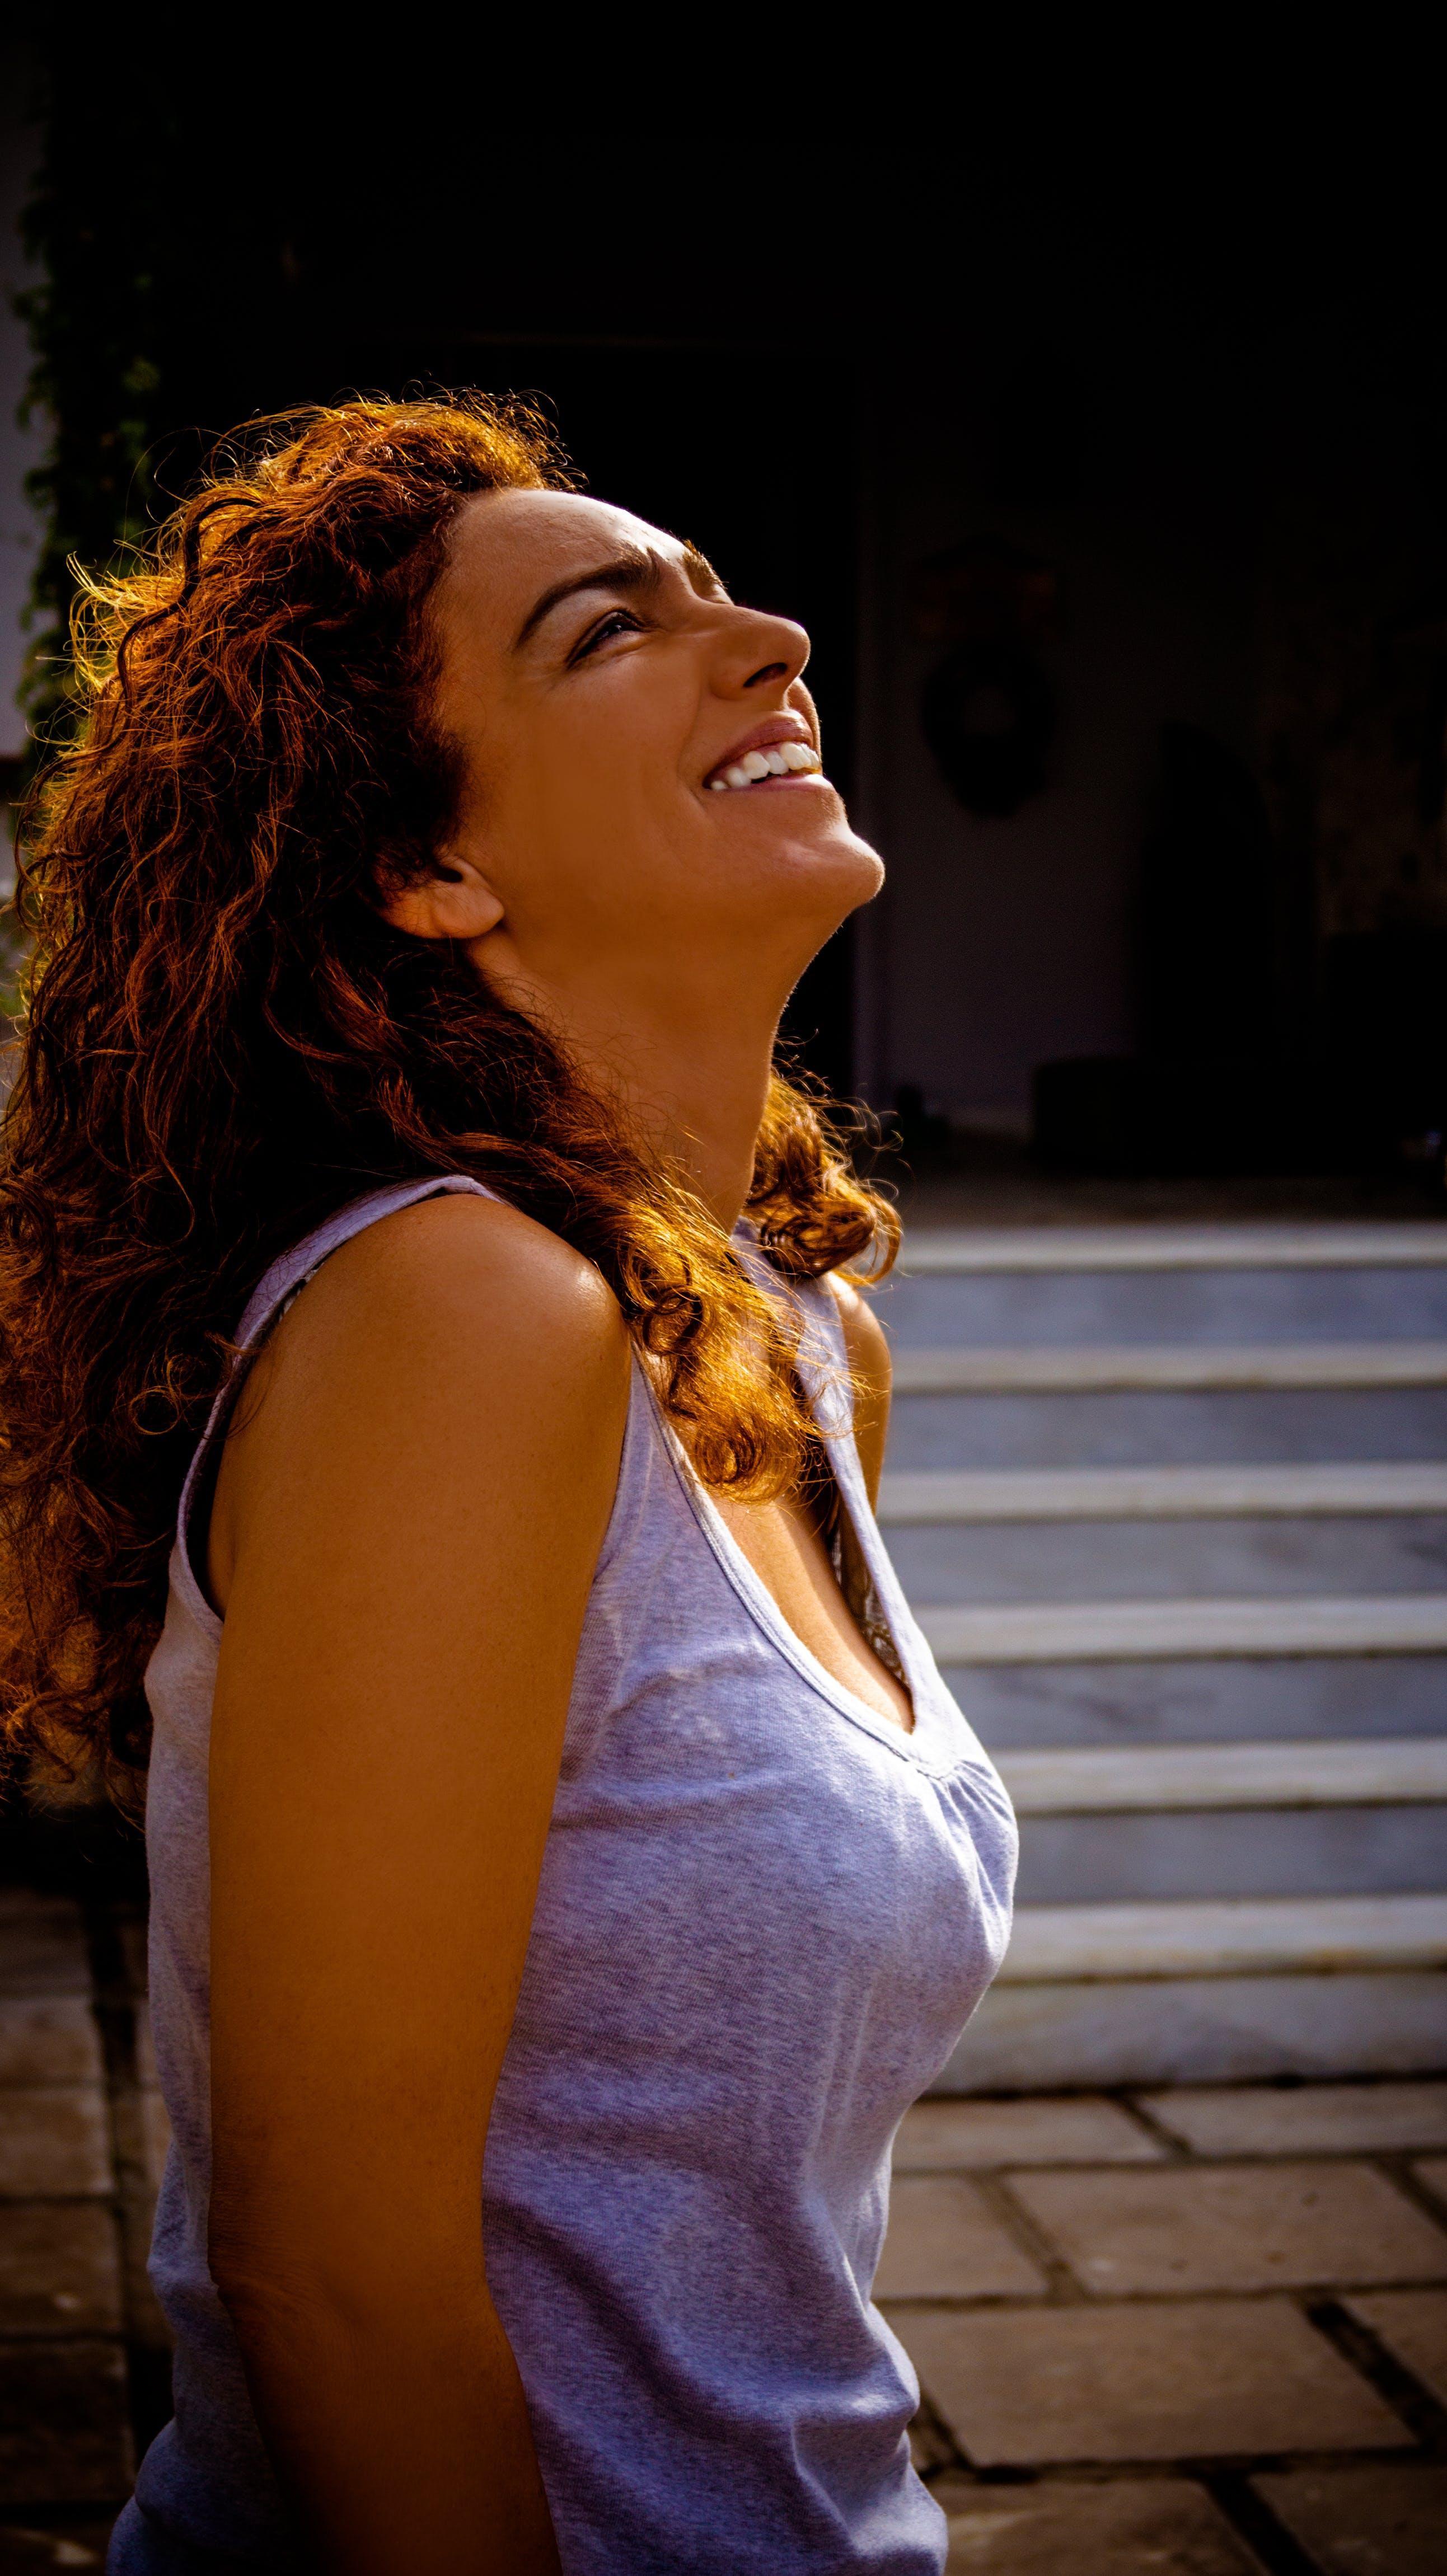 Smiling Woman Wearing Sleeveless Top